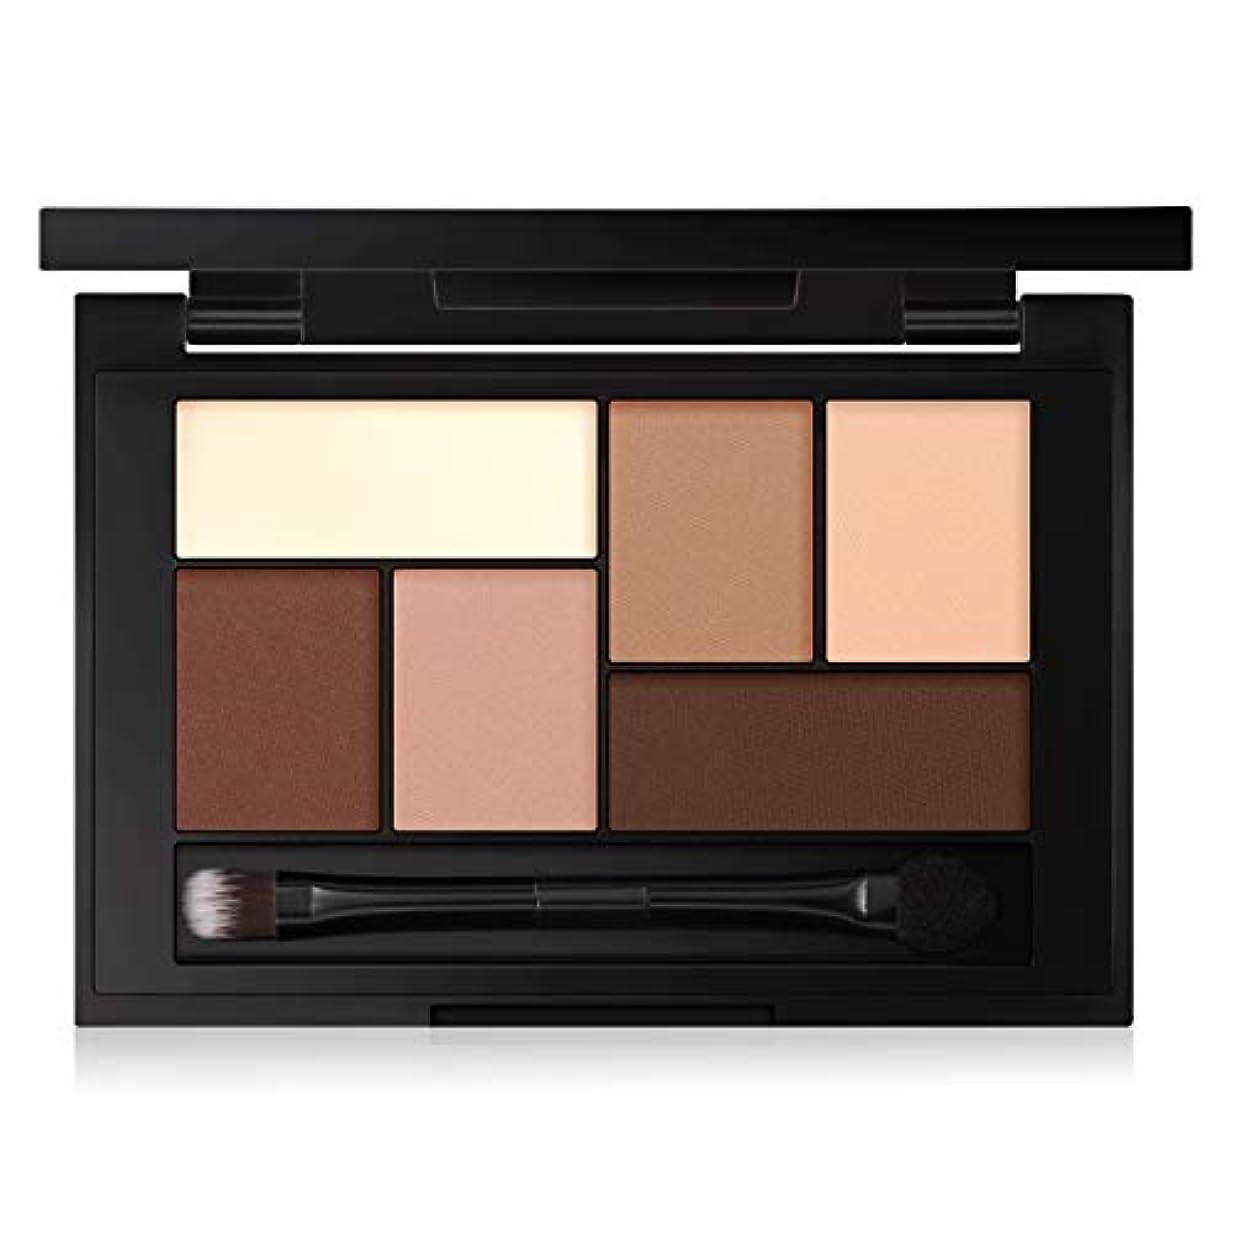 ガイダンス歯特にSACE LADY Eyeshadow Palette Highly Pigmented Matte and Shimmer Finish Eye Makeup 12g/0.4oz.